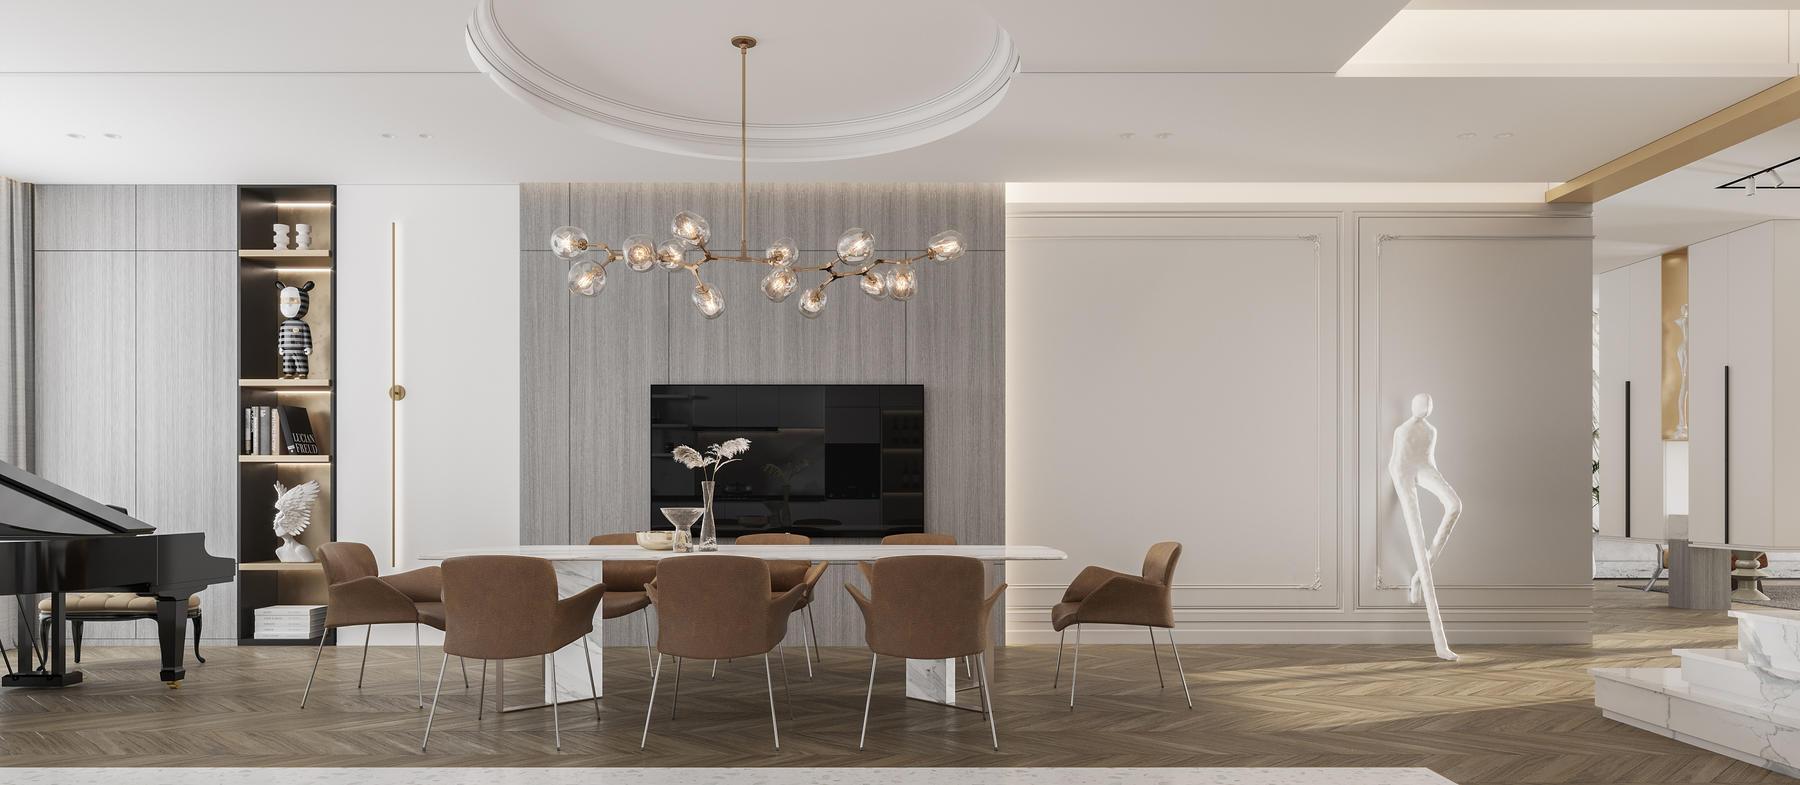 效果图|装修效果图|家装效果图|室内外动画|360全景|VR